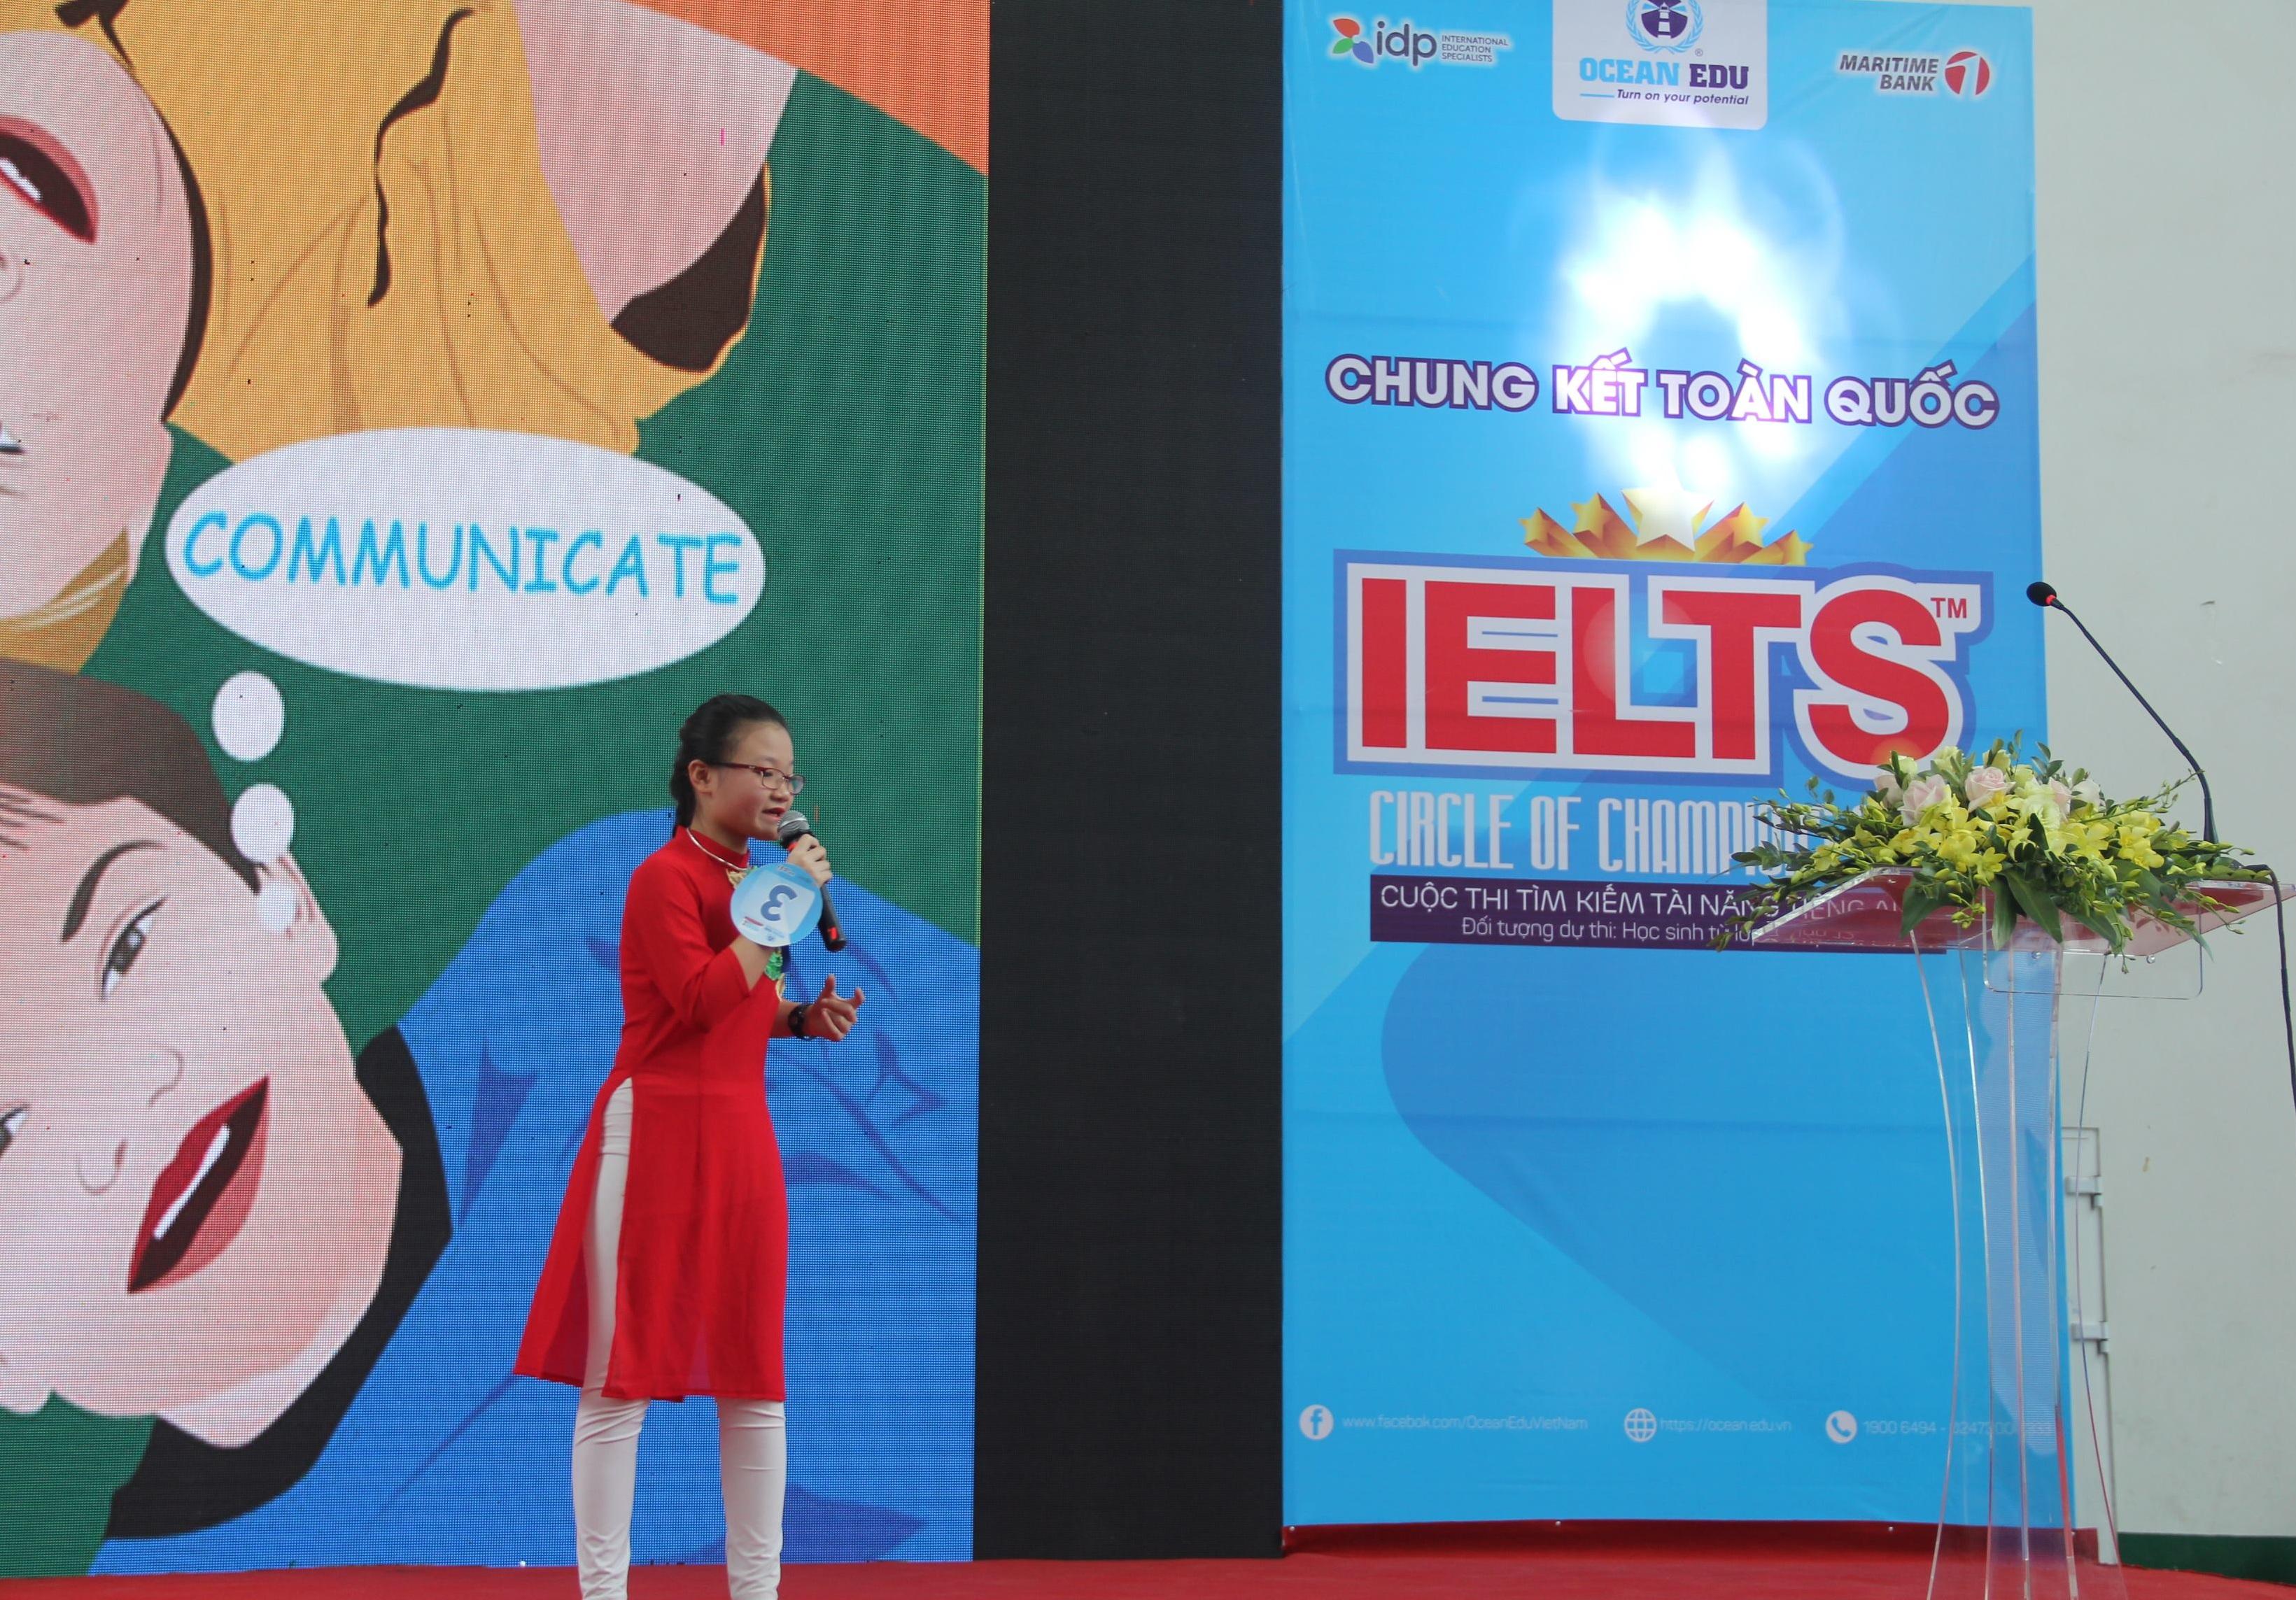 35.000 học sinh tham gia cuộc thi tìm kiếm tài năng tiếng Anh